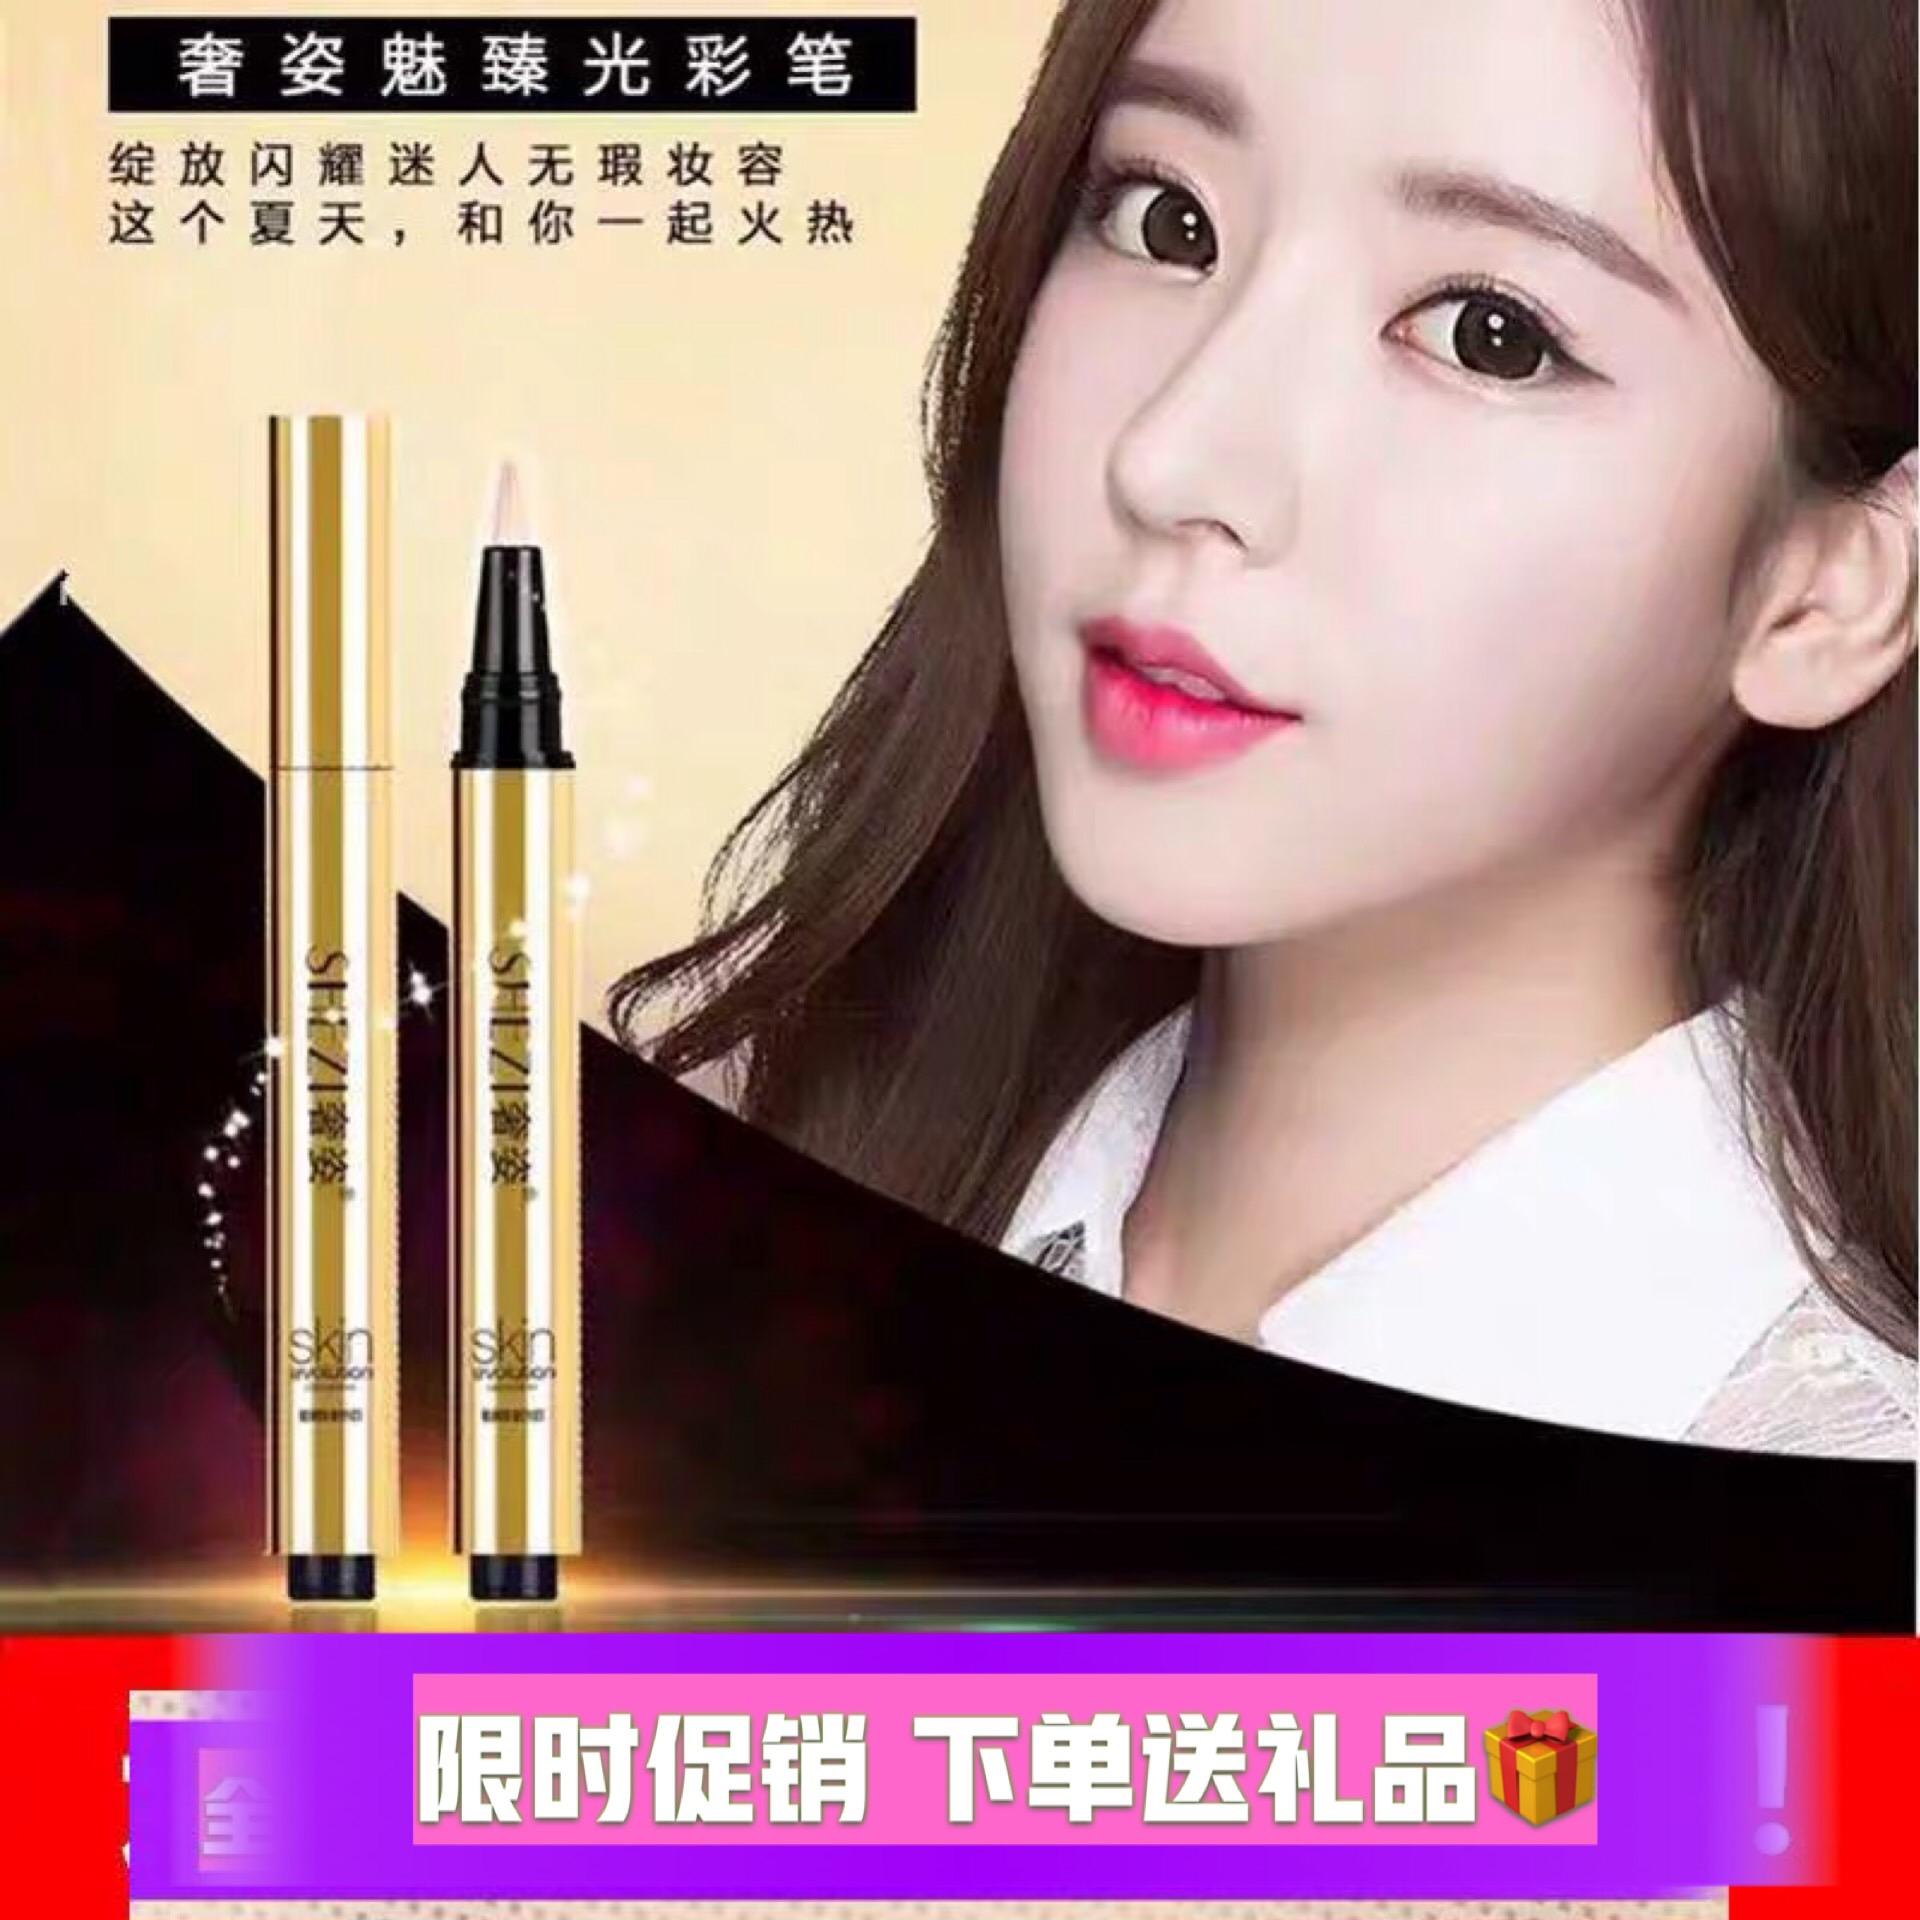 丽姐同款新款中国去黑眼圈化妆品光彩笔遮瑕膏斑点痘印包邮